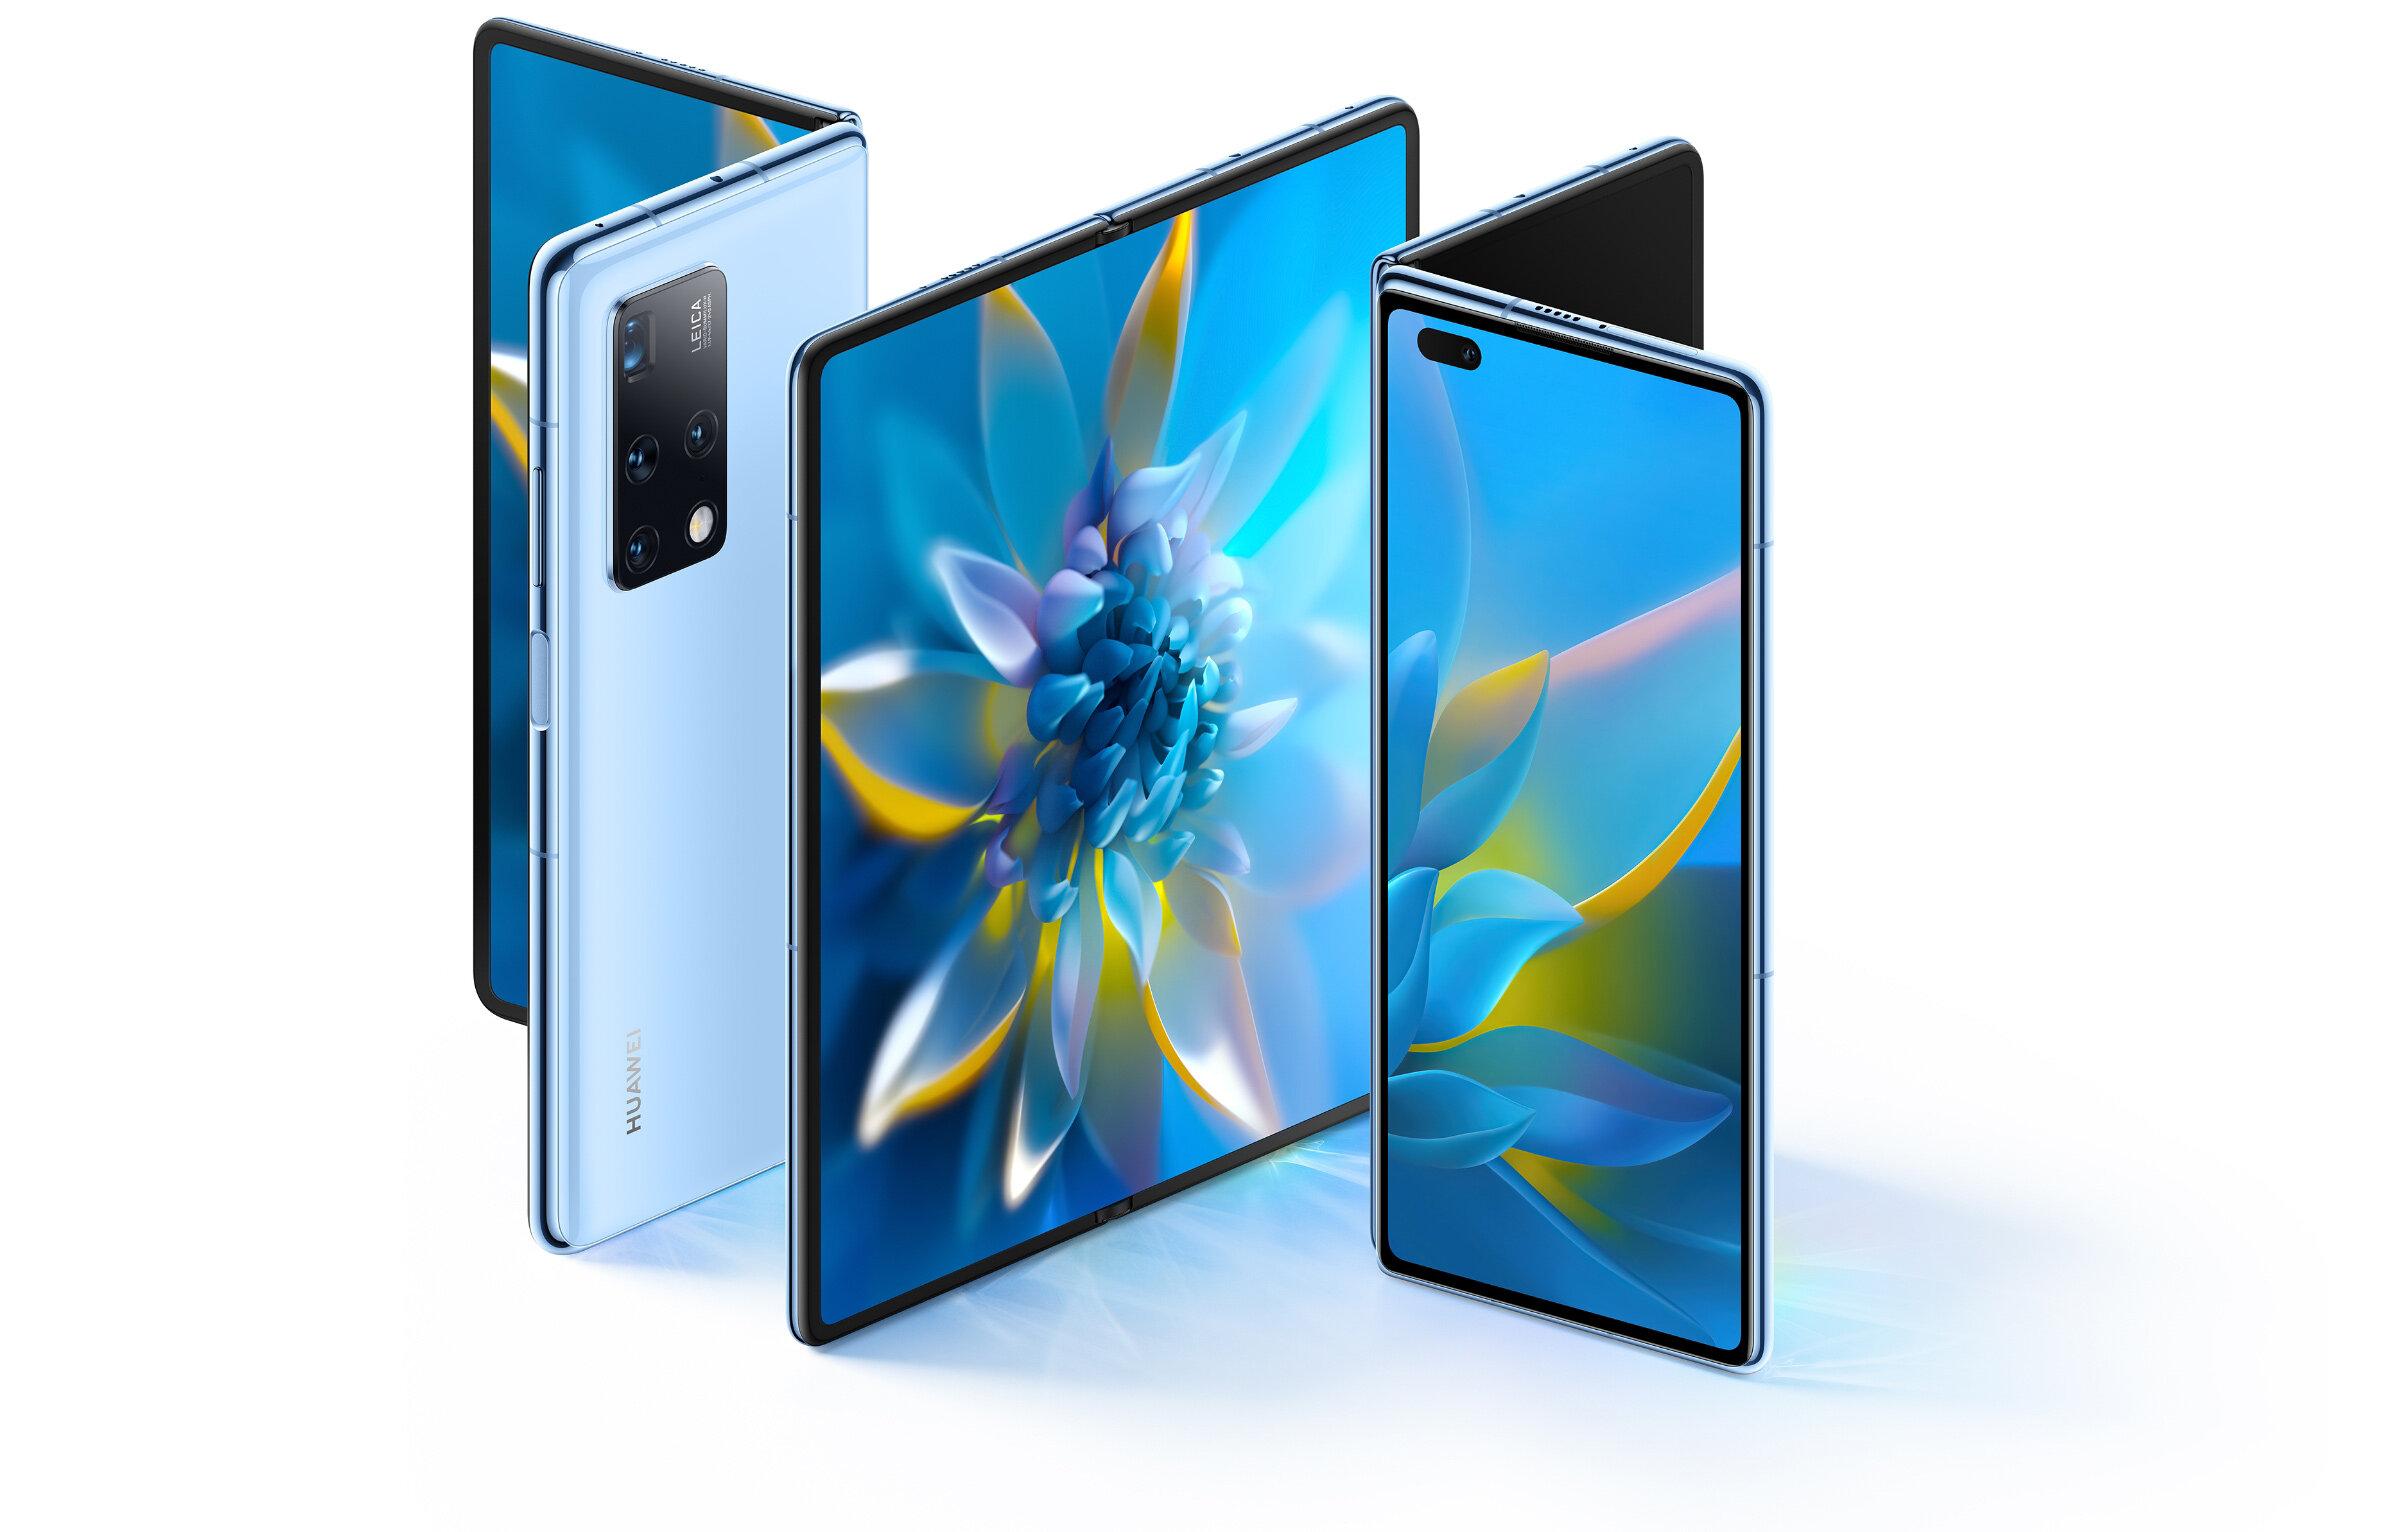 unveil flagship smartphon